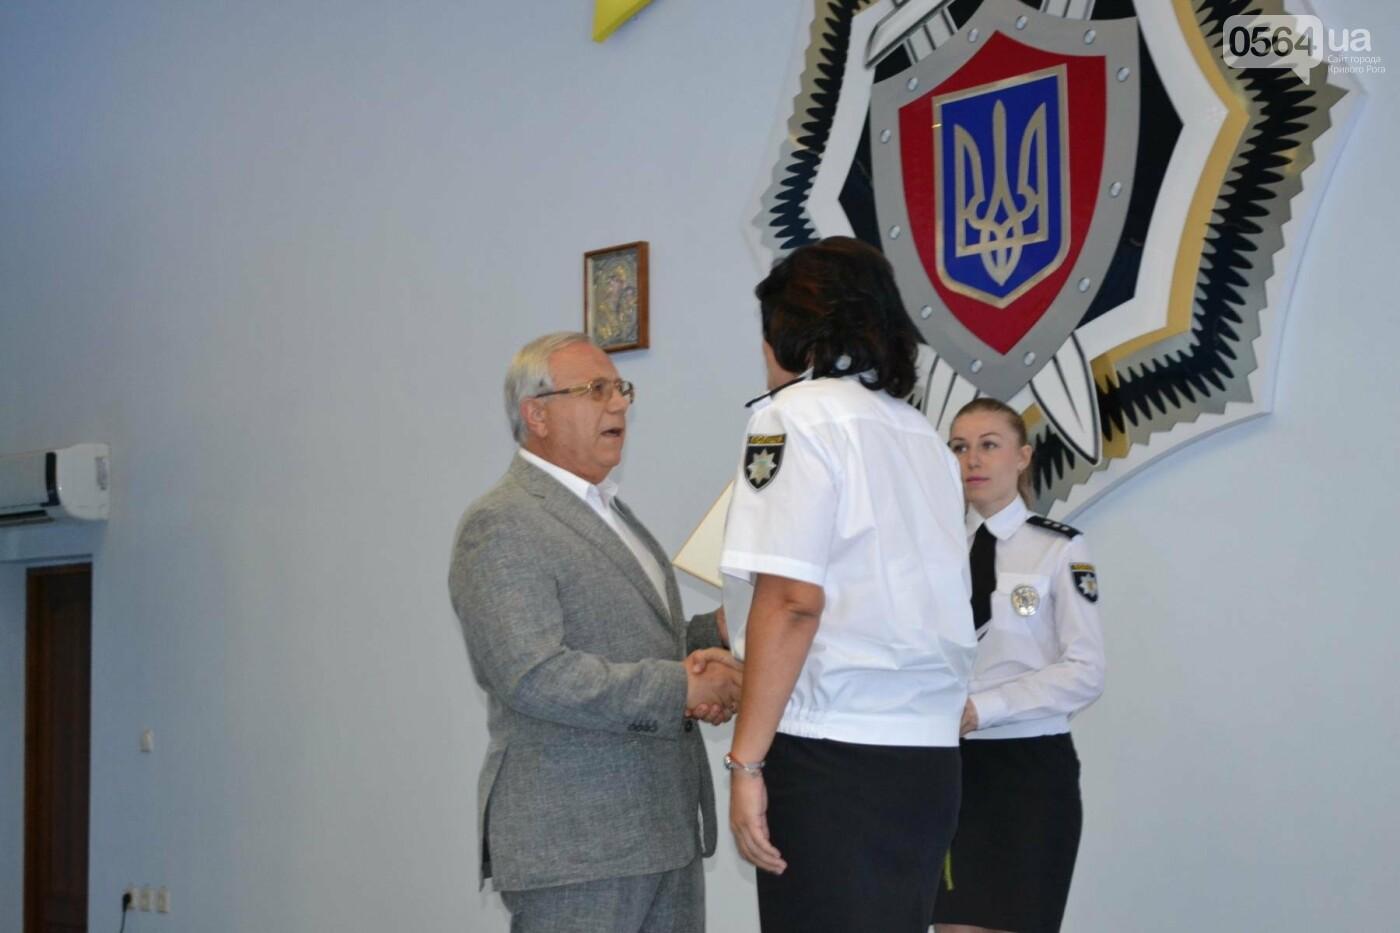 Криворожских полицейских поздравили с профессиональным праздником, - ФОТО, ВИДЕО, фото-9